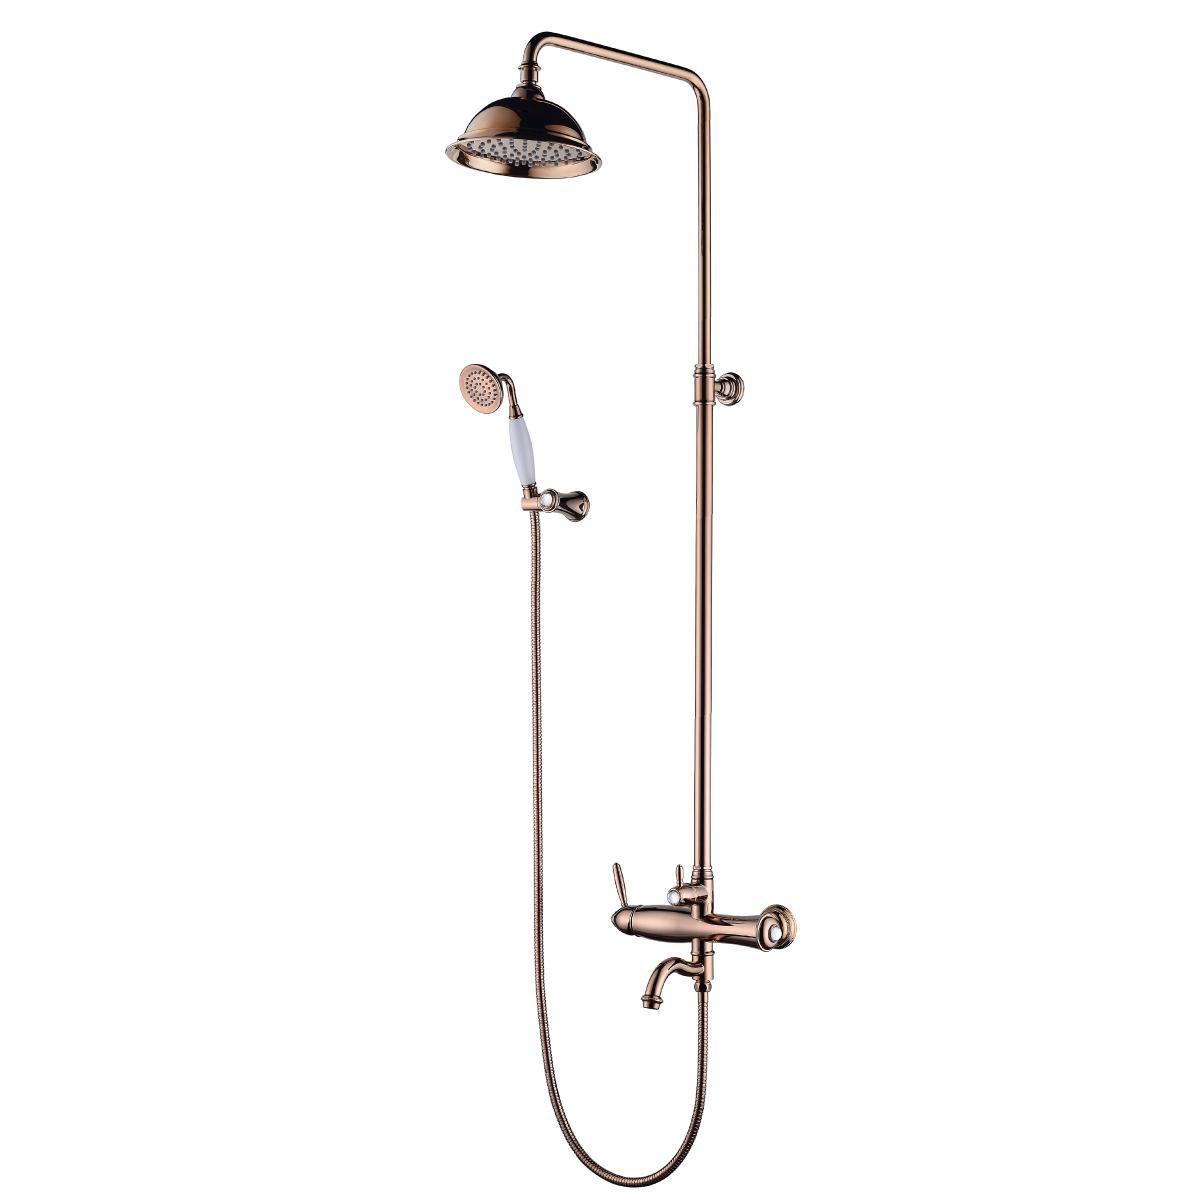 Душевая стойка Lemark Spark с верхним душем и поворотным изливом, розовое золото